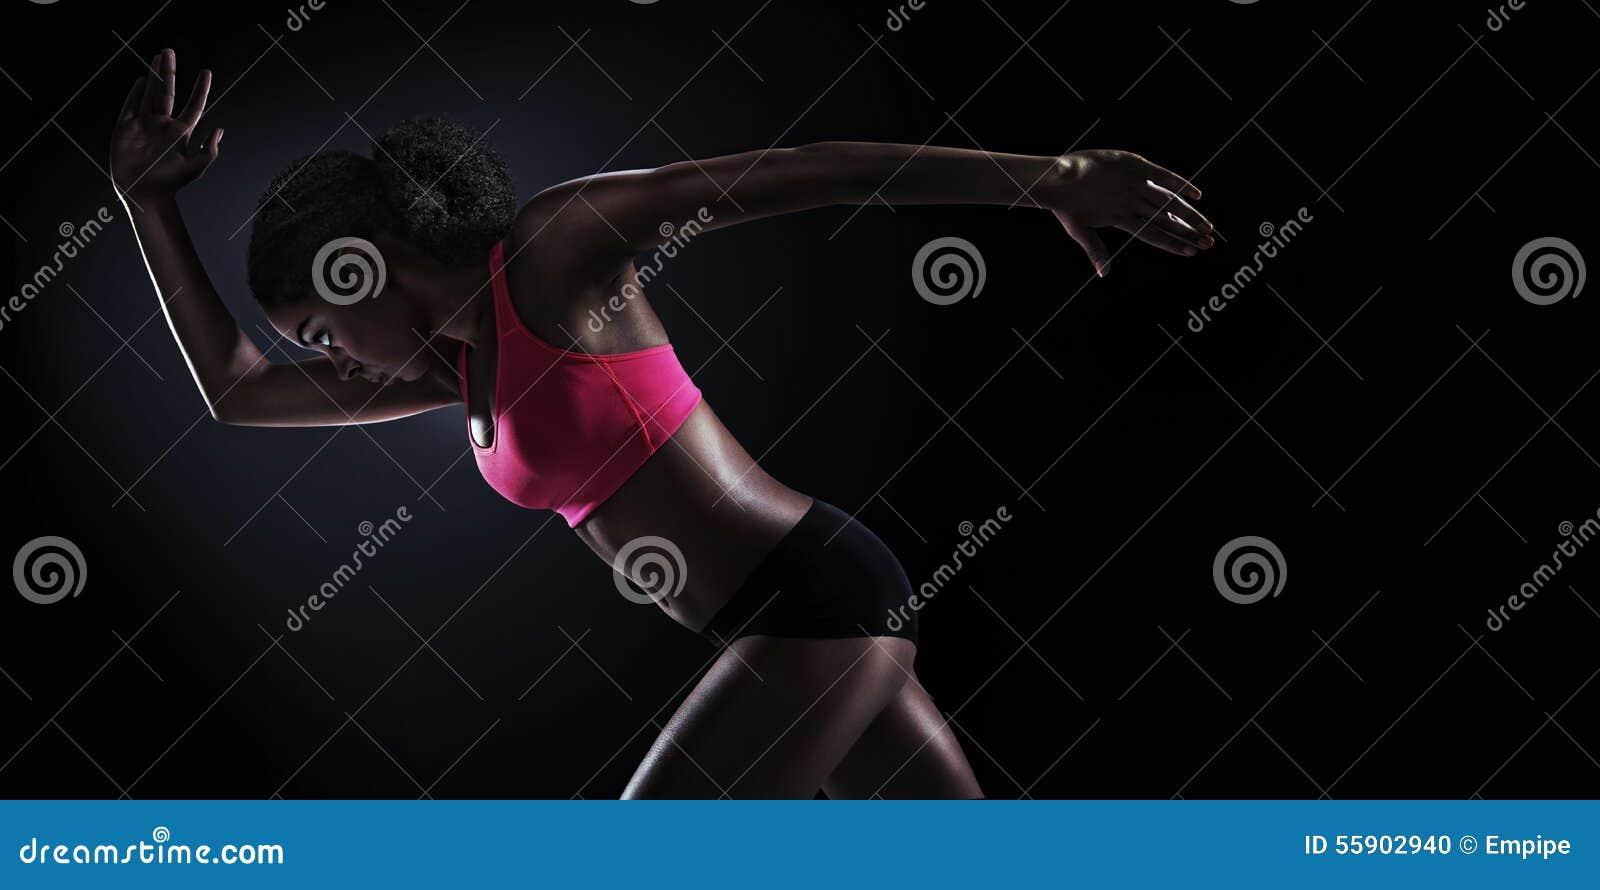 Sport. Runner. Silhouette